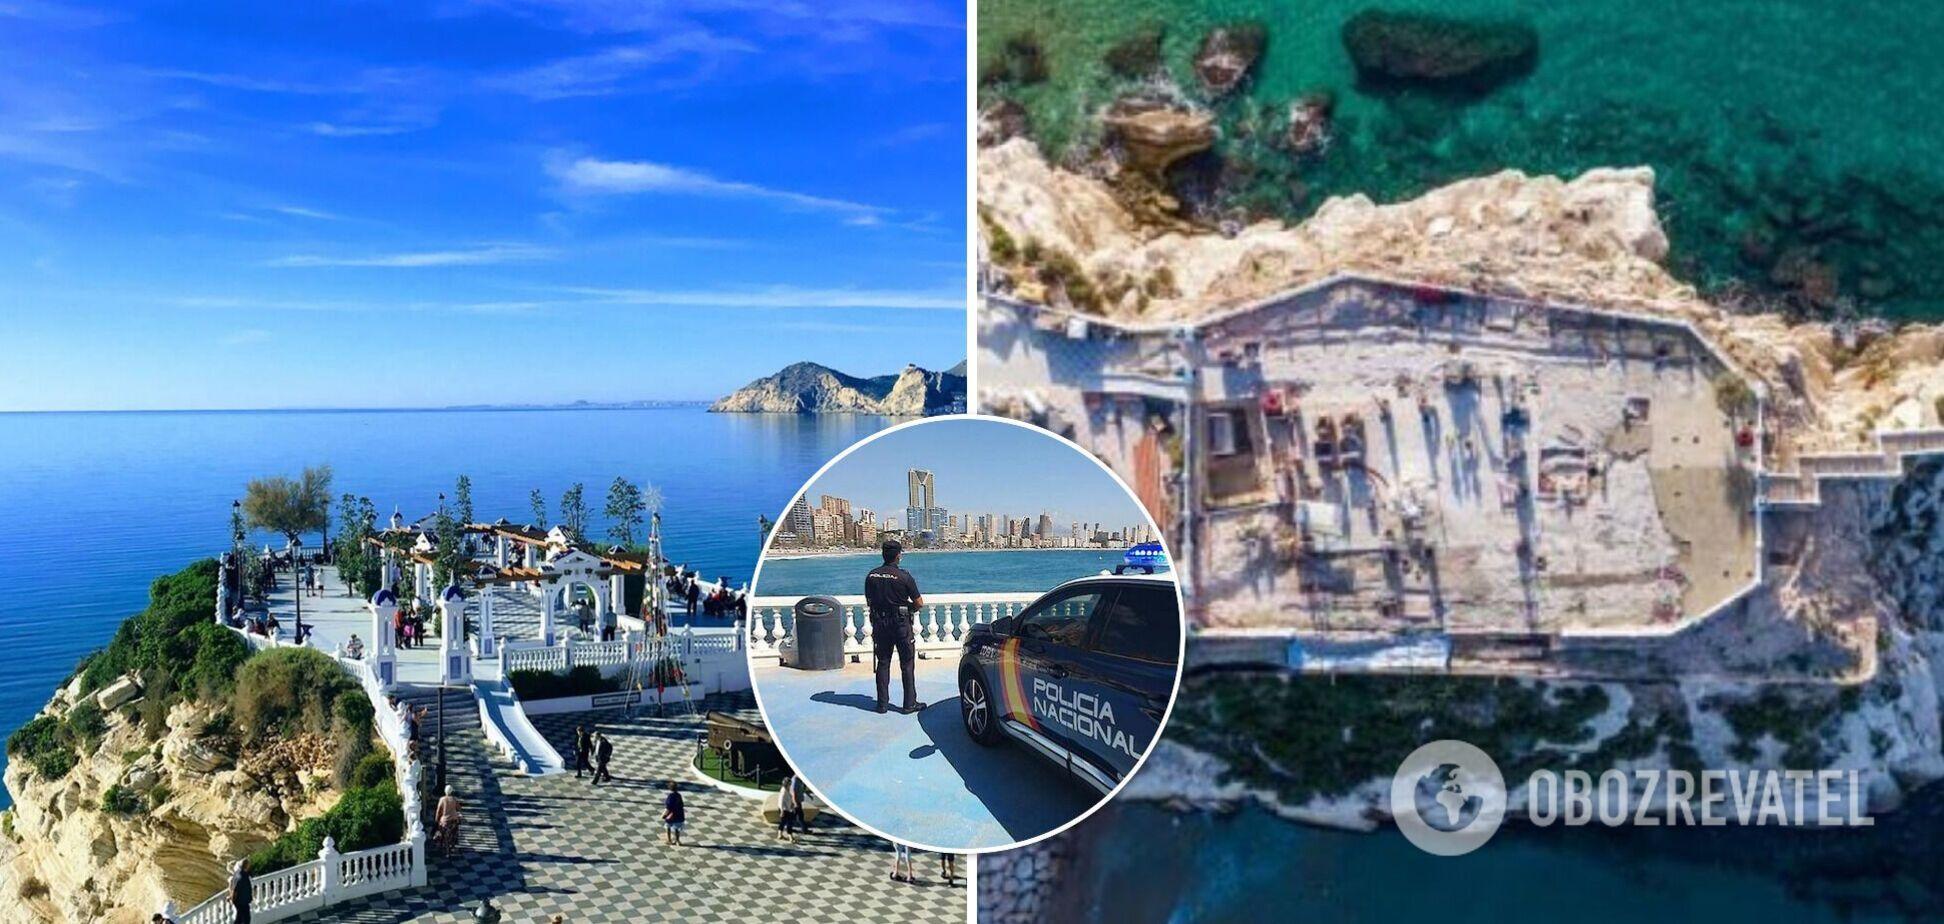 Хотіла зробити ефектне селфі: в Іспанії туристка з України зірвалася зі скелі